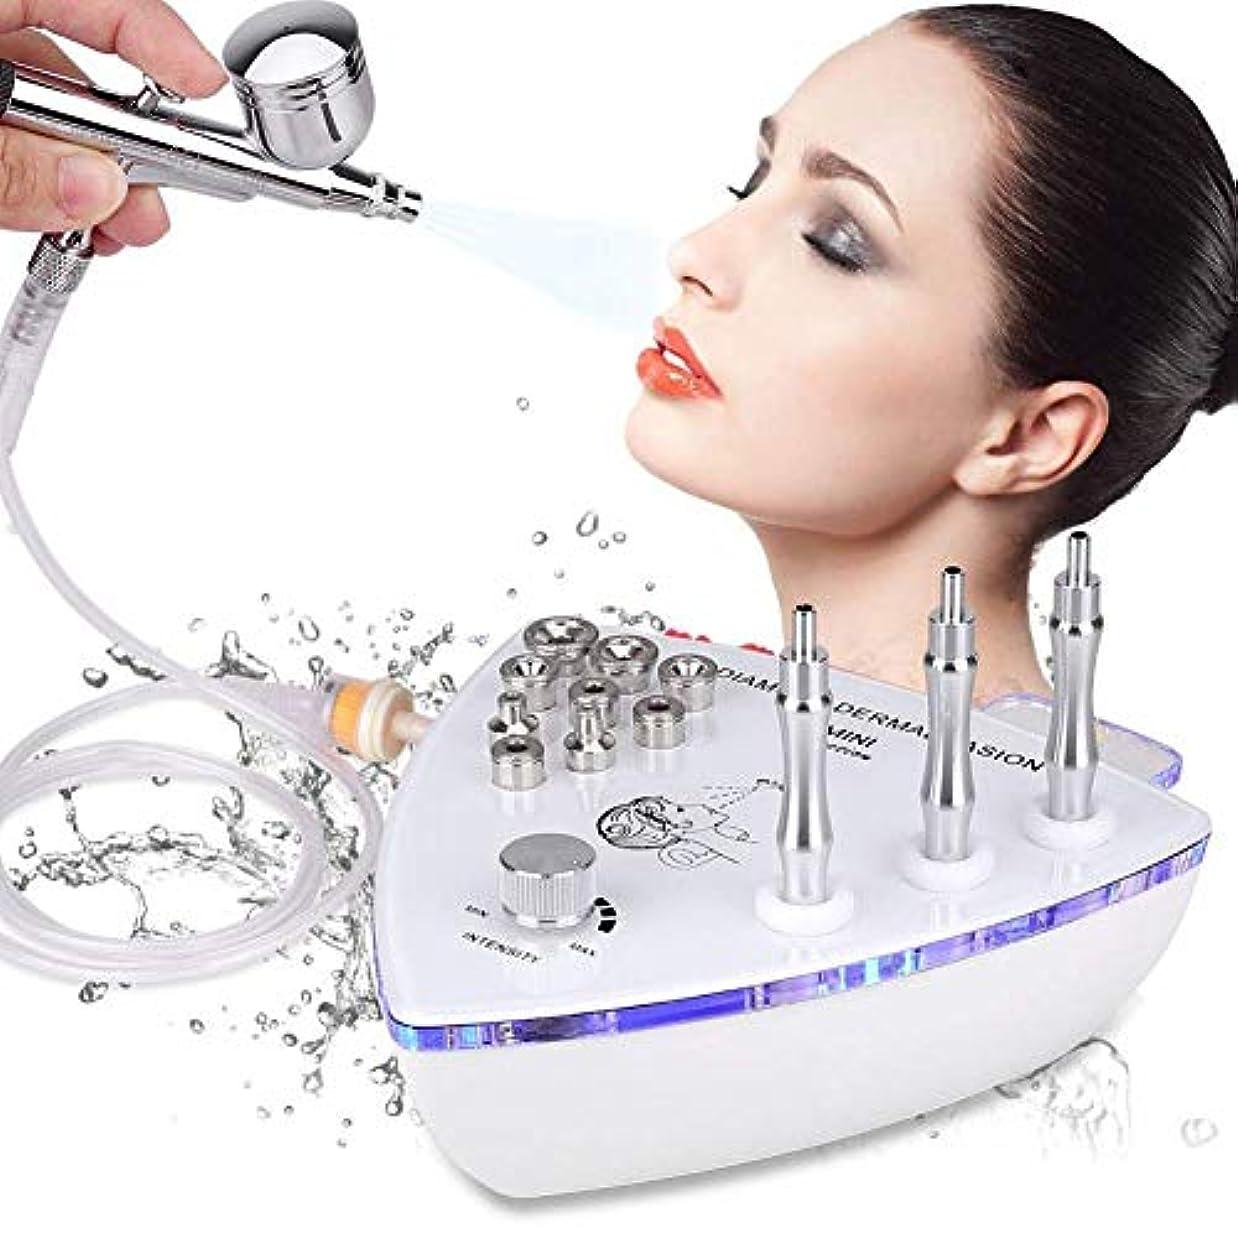 傘引き付けるマリンスプレーガン水と美容機器 - ダイヤモンドマイクロダーマブレーション皮膚剥離機は真空吸引剥離フェイシャルマッサージ、しわフェイスピーリングマシン、顔の皮膚剥離装置スプレー